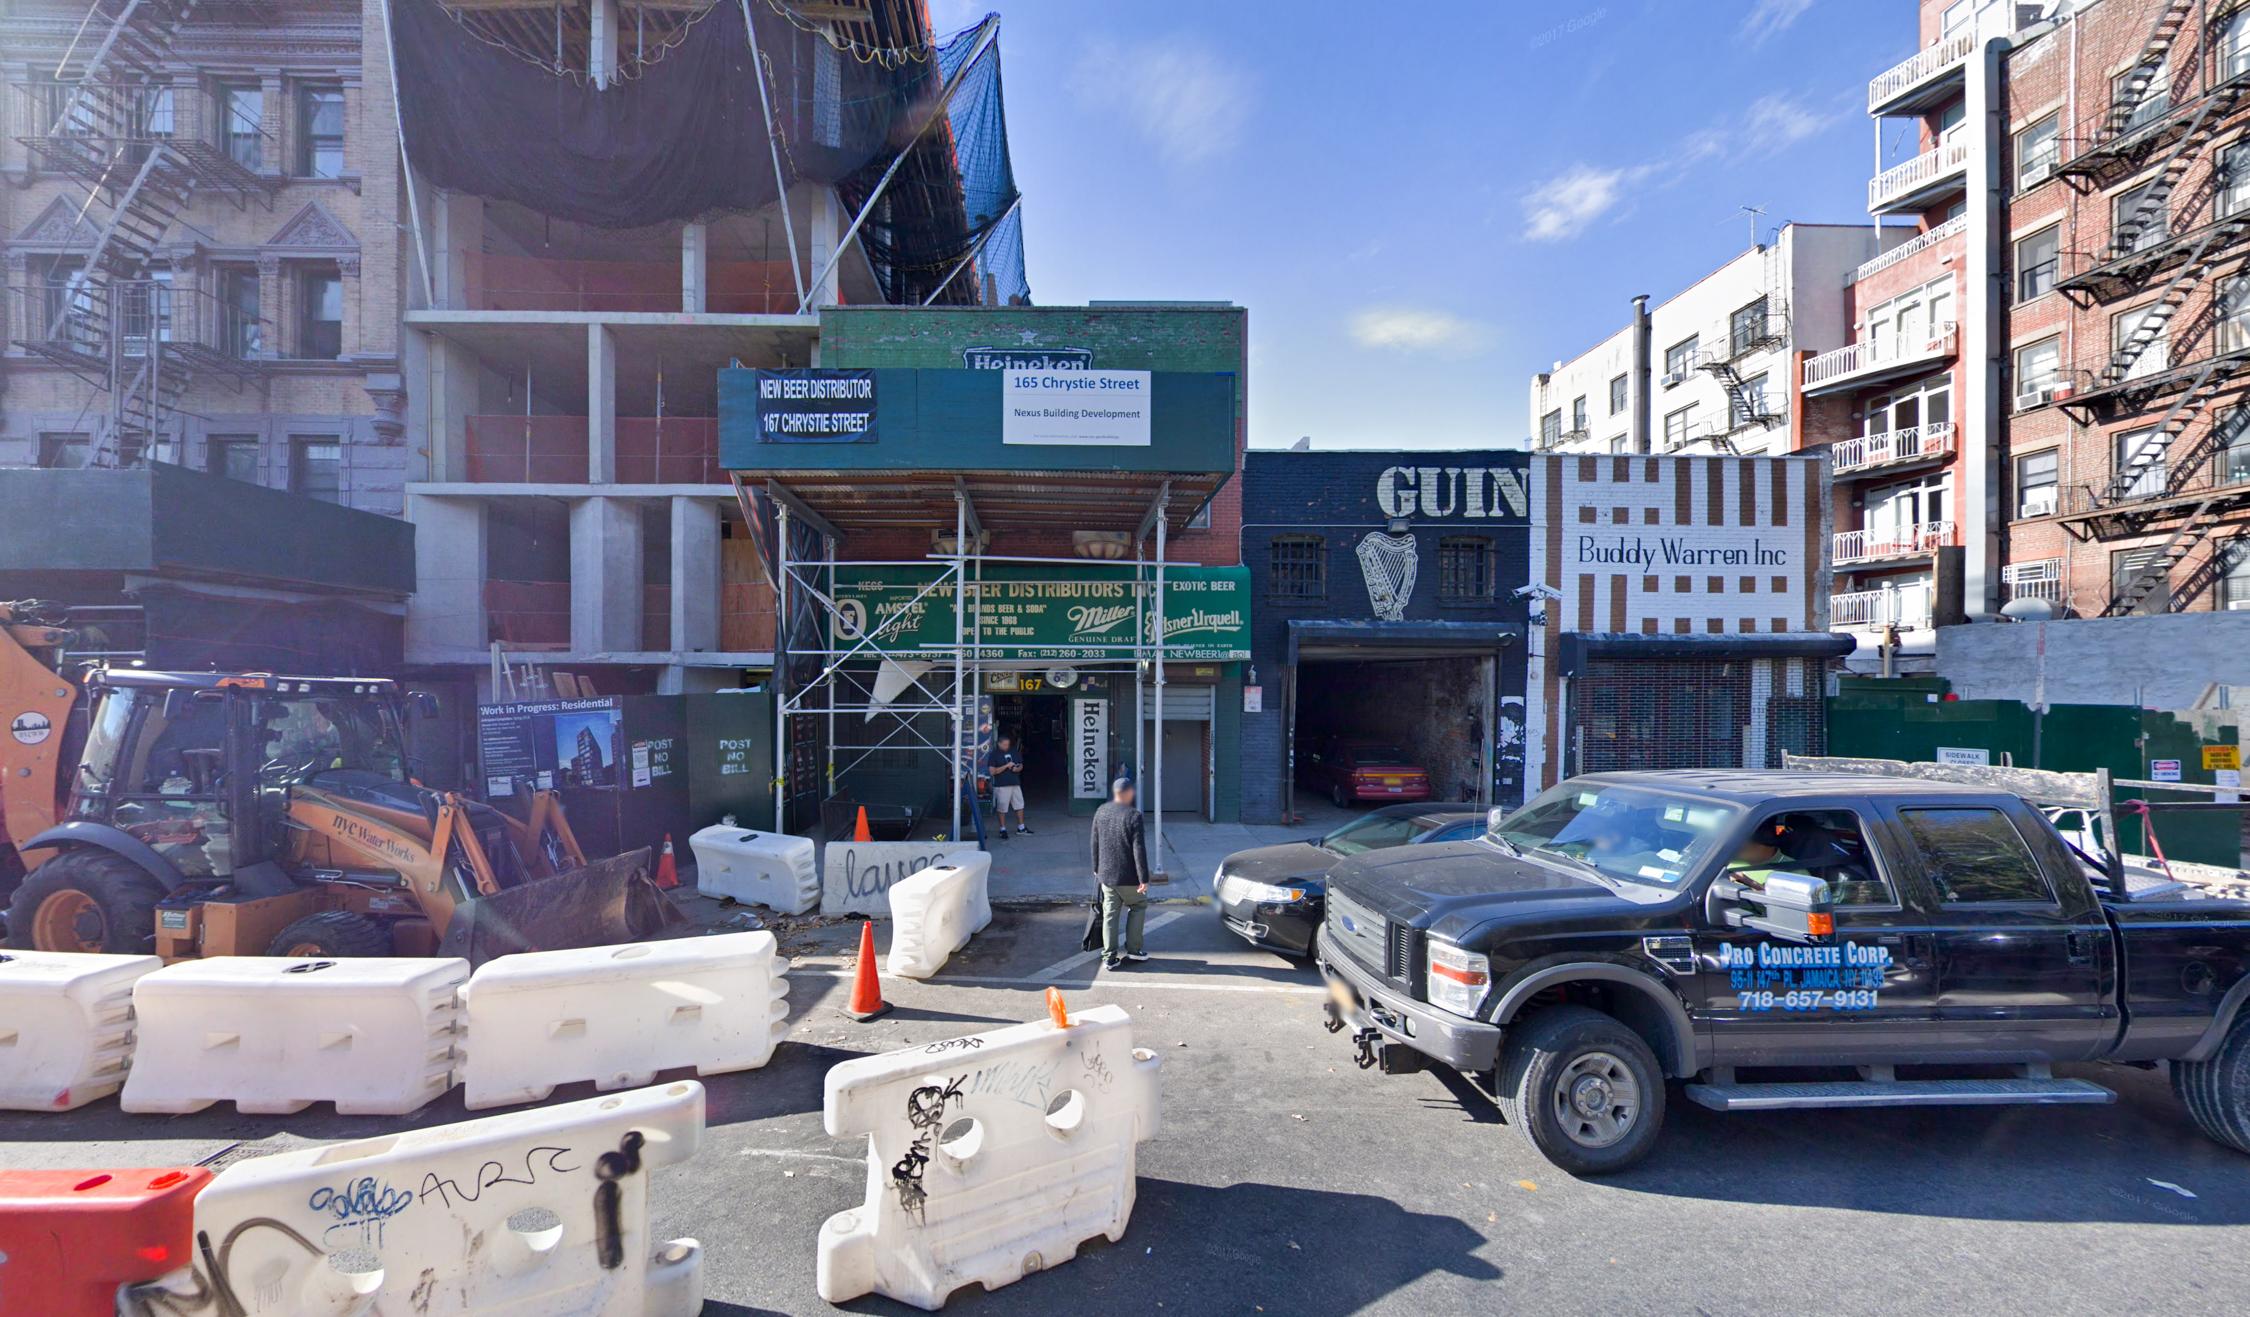 167 Chrystie Street, via Google Maps